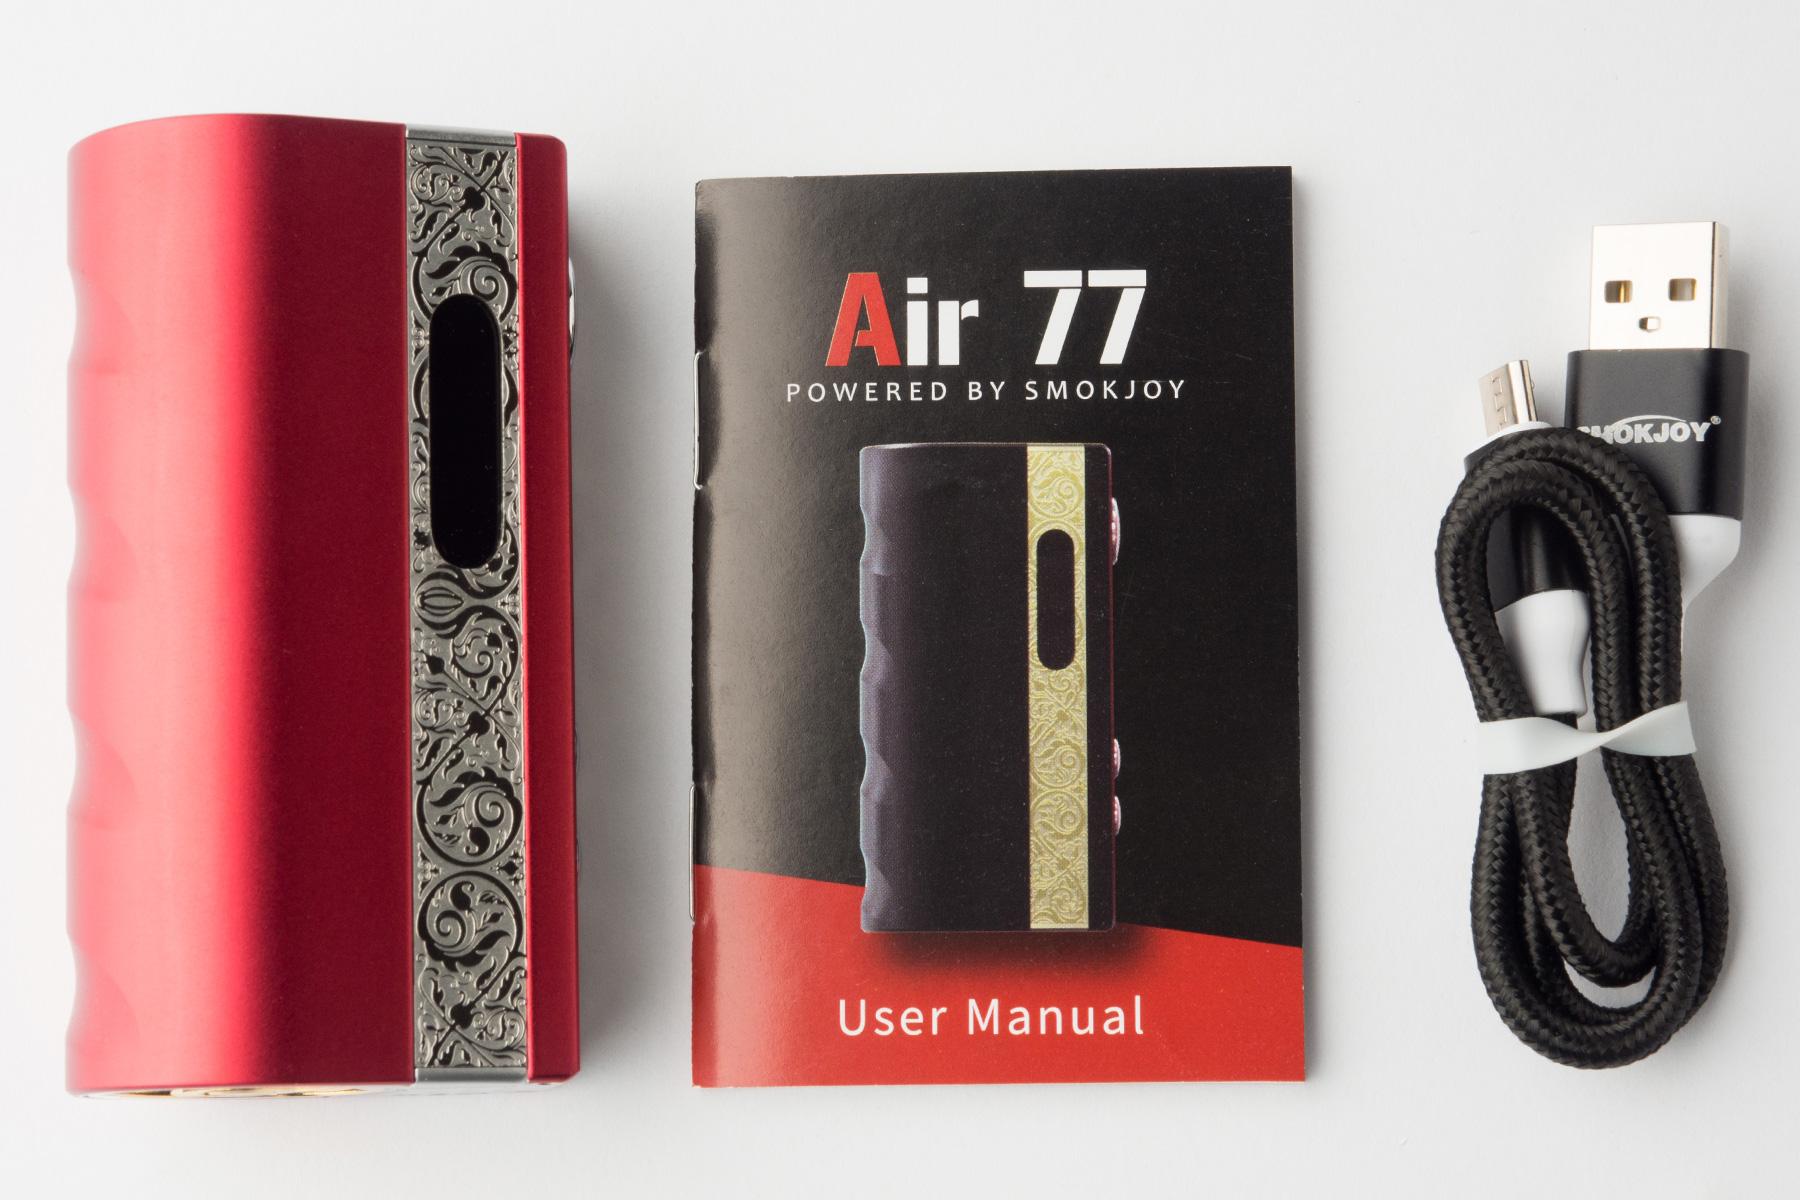 【テクニカルMOD】AIR77 TC MOD 「エアー77」 (Smokjoy/スモックジョイ)レビュー